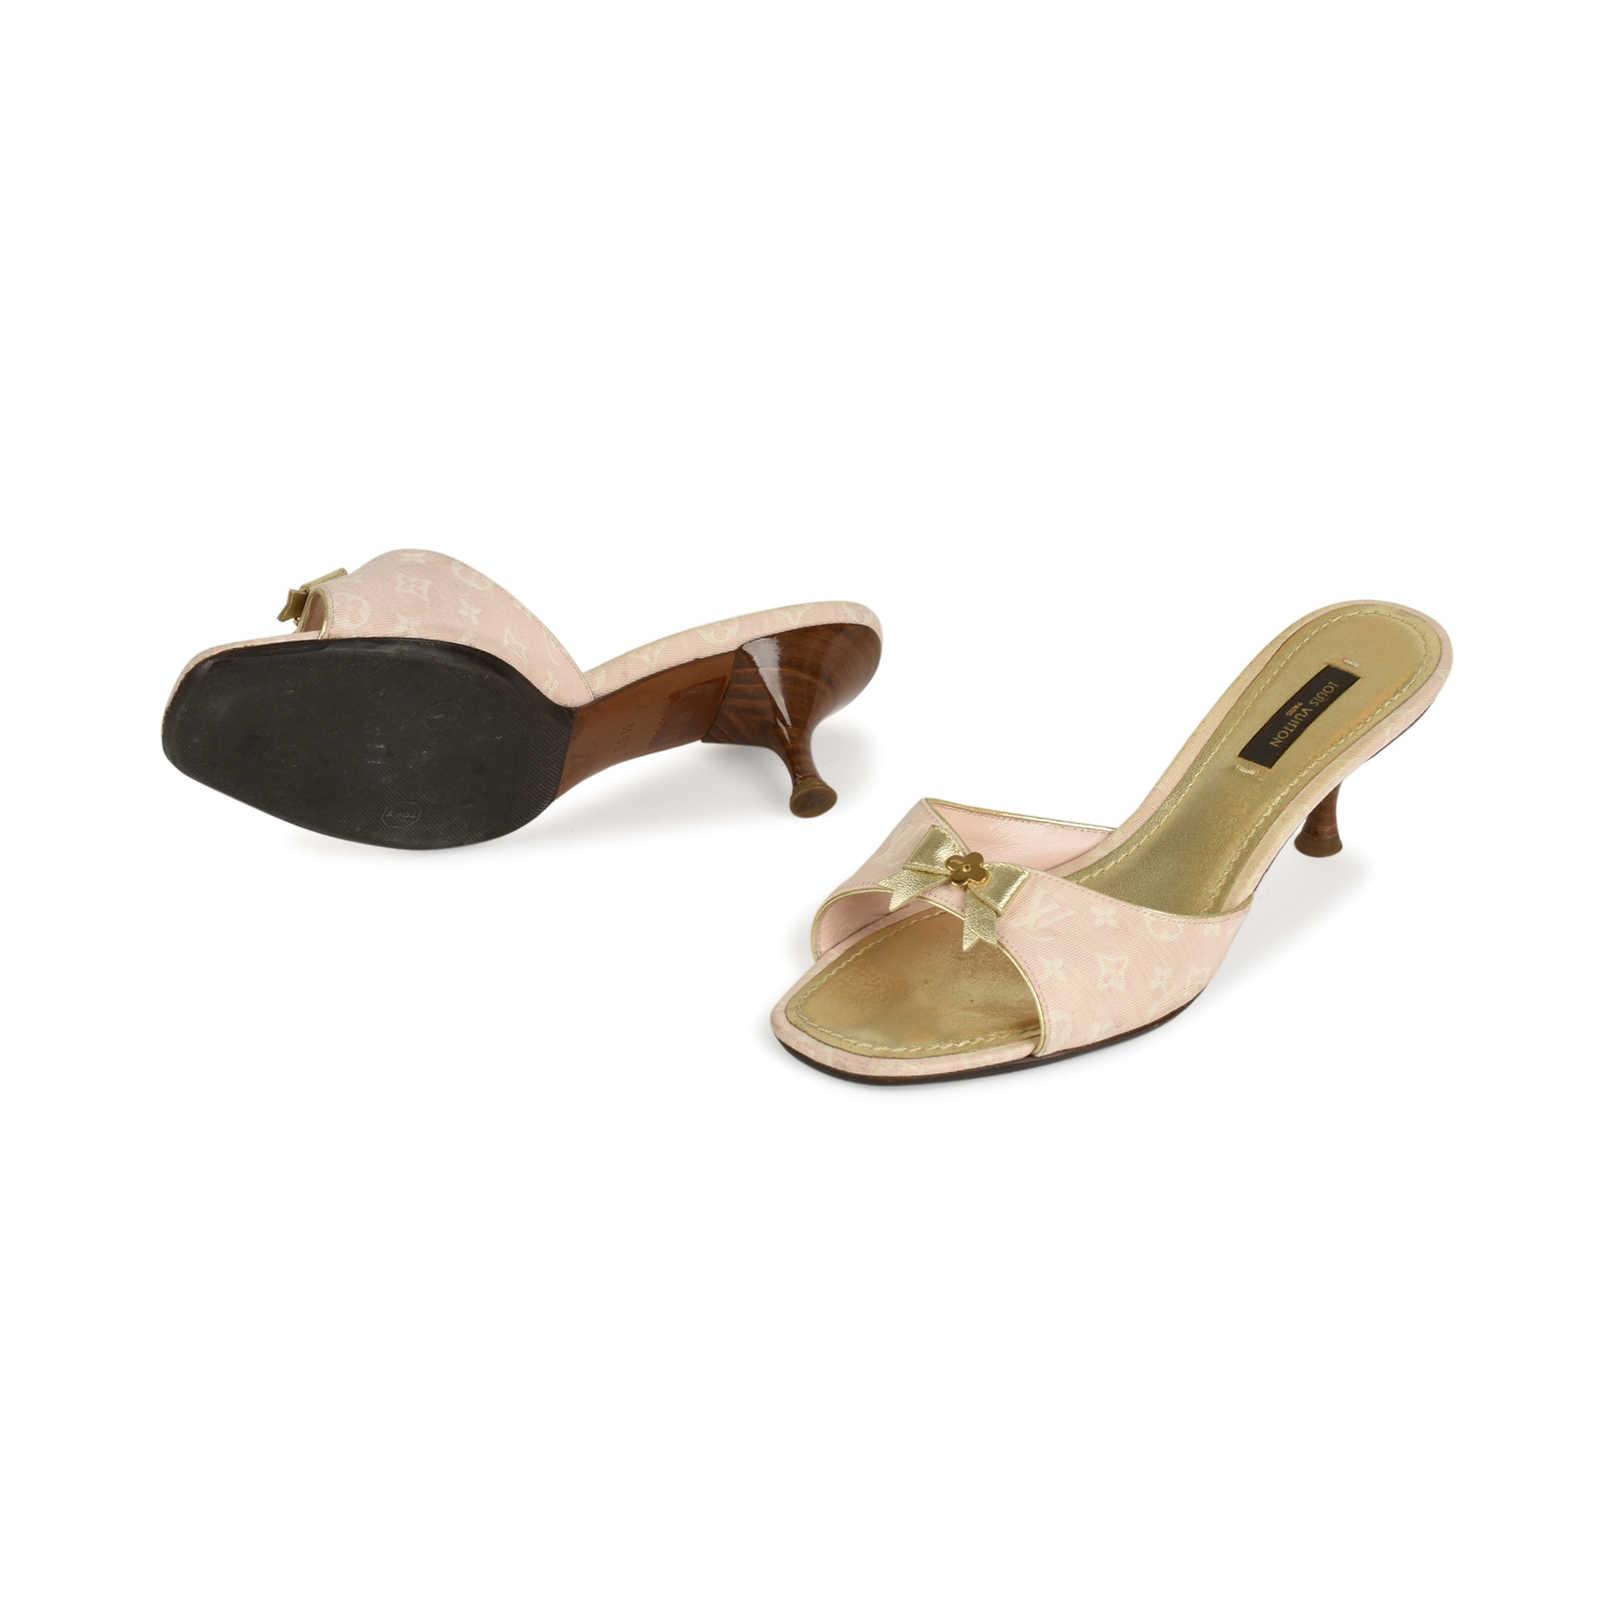 0f372ddf5cbcd3 ... Authentic Second Hand Louis Vuitton Monogram Canvas Sandals  (PSS-436-00034) ...